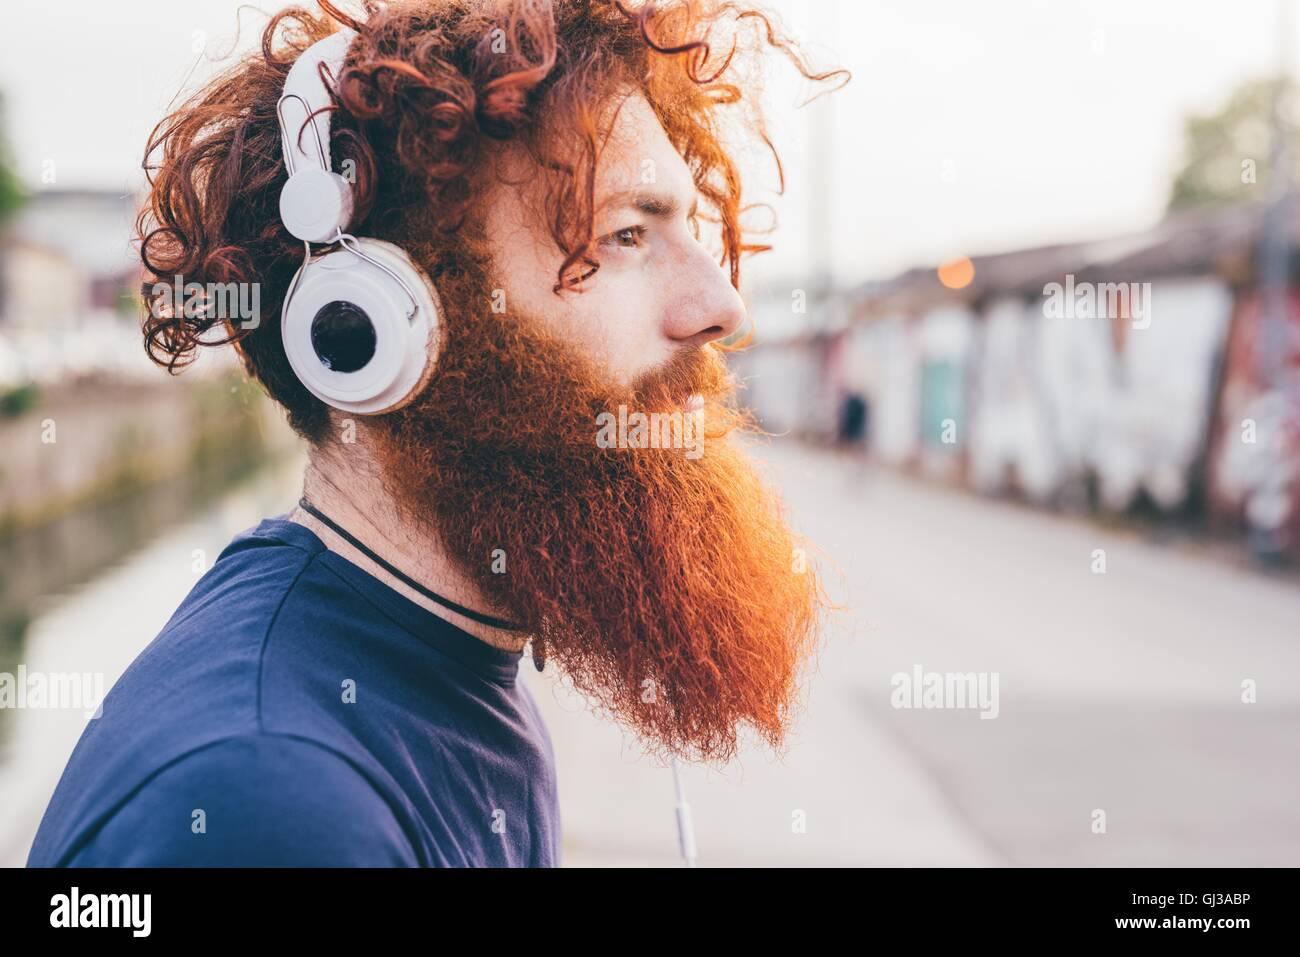 Giovane maschio hipster con i capelli rossi e la barba ascoltando le cuffie in città Immagini Stock